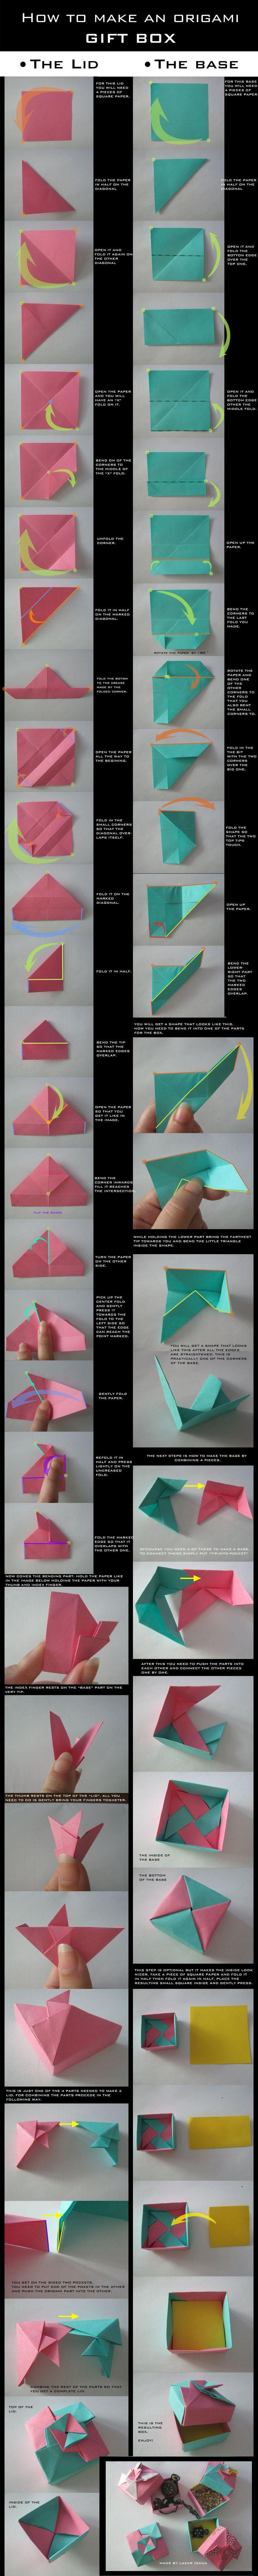 TUTORIAL: Origami Gift Box by DarkUmah.deviantart.com on @deviantART